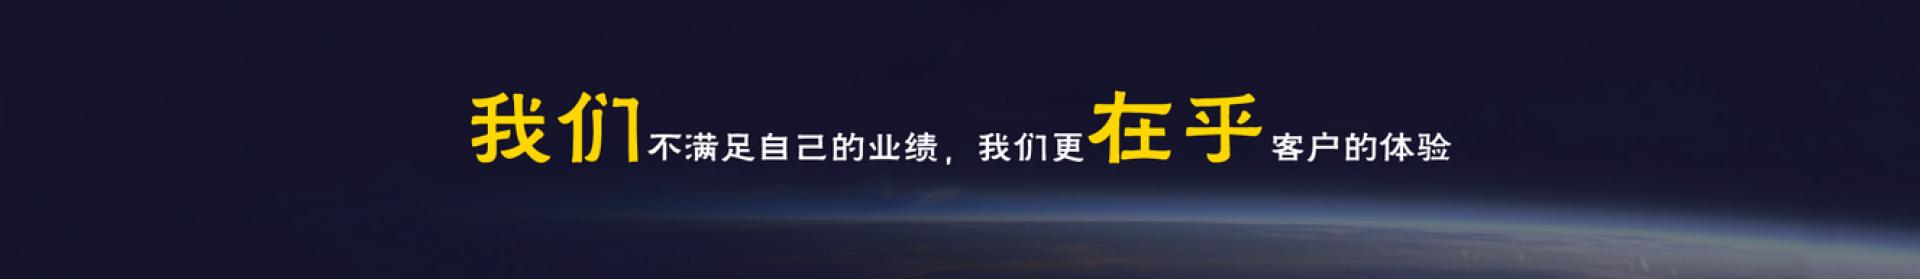 网站软件定制开发宣传公告牌